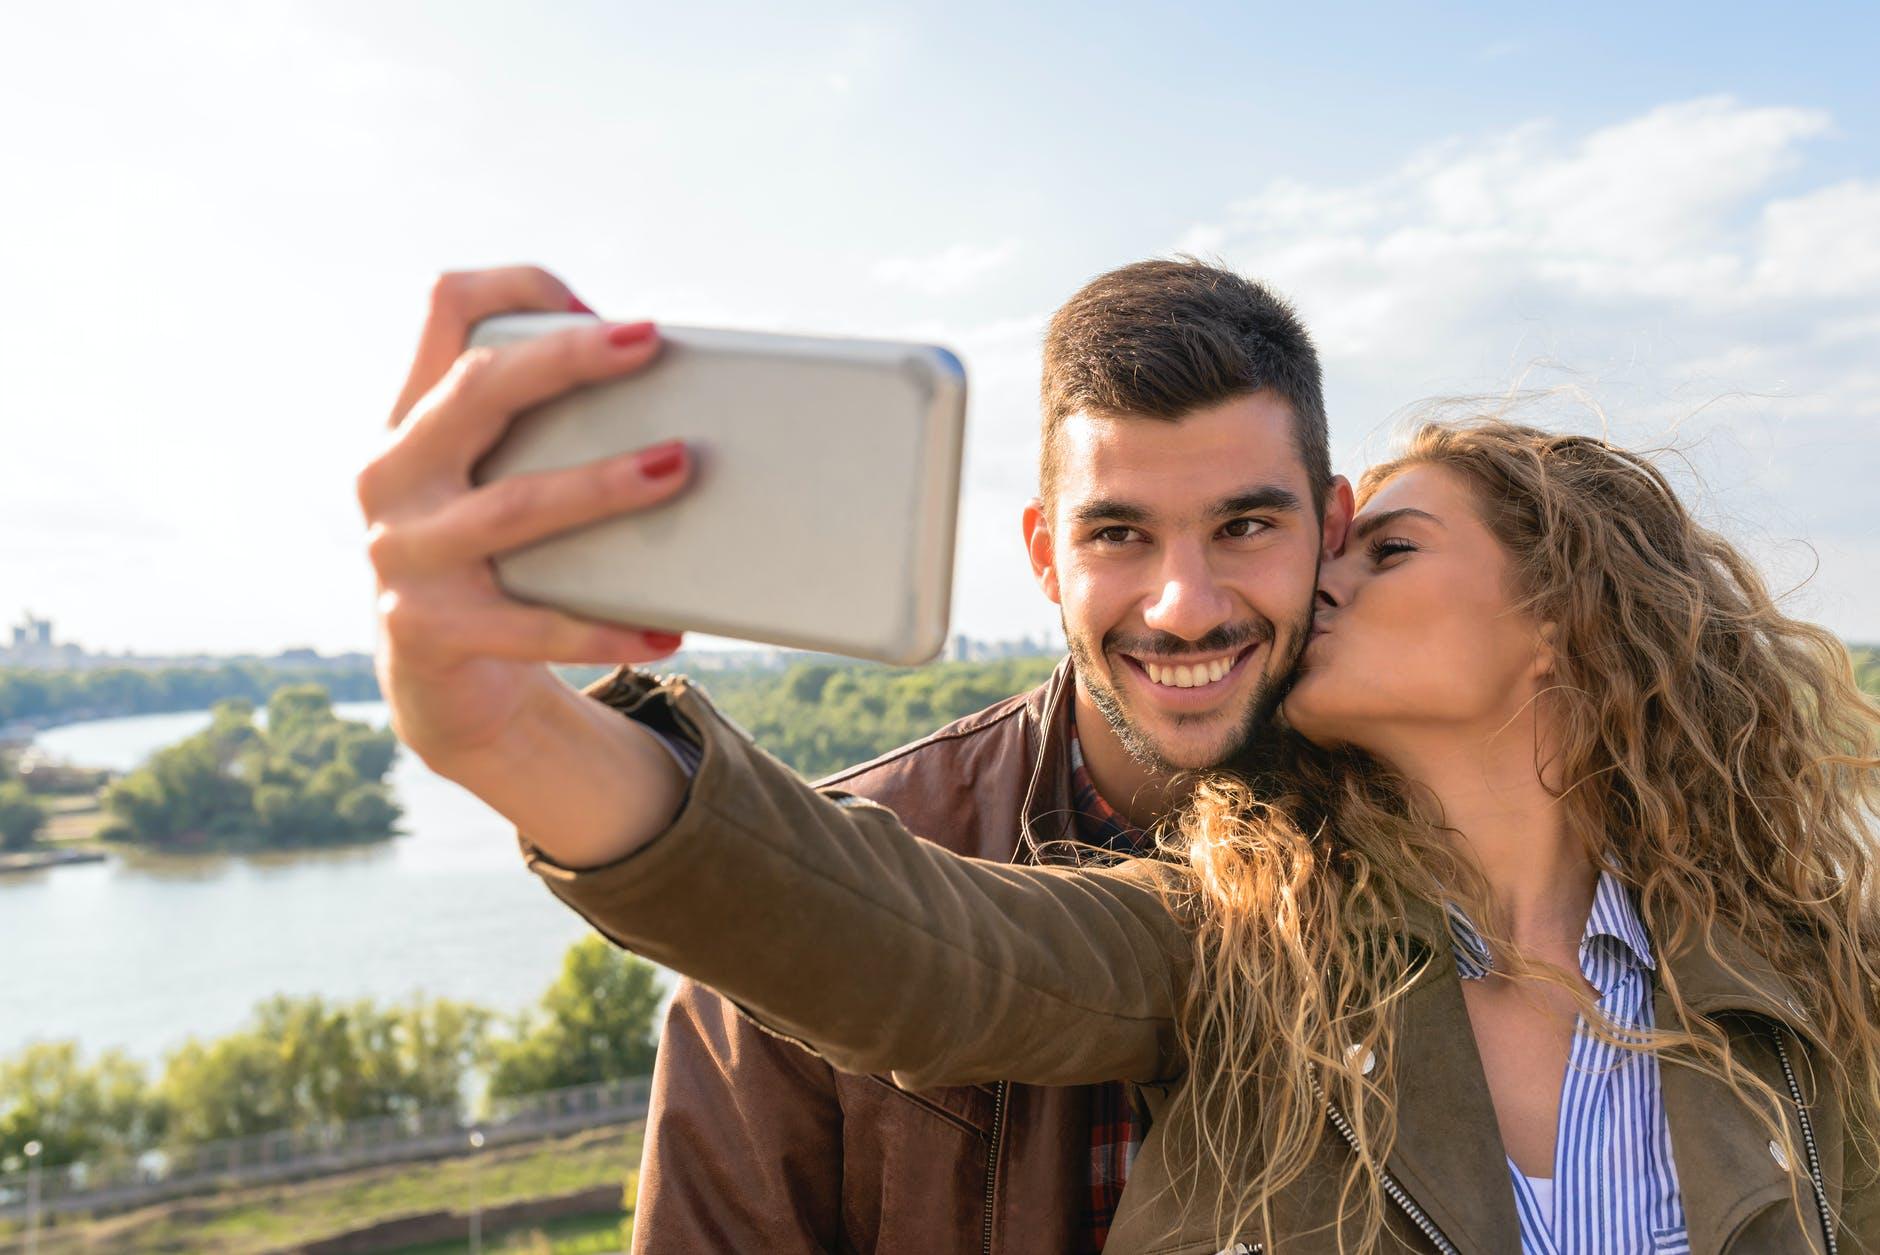 Come_e_quali_hashtag_usare_su_Instagram_per_aumentare_tasso_coinvolgimento_post_stories_followers